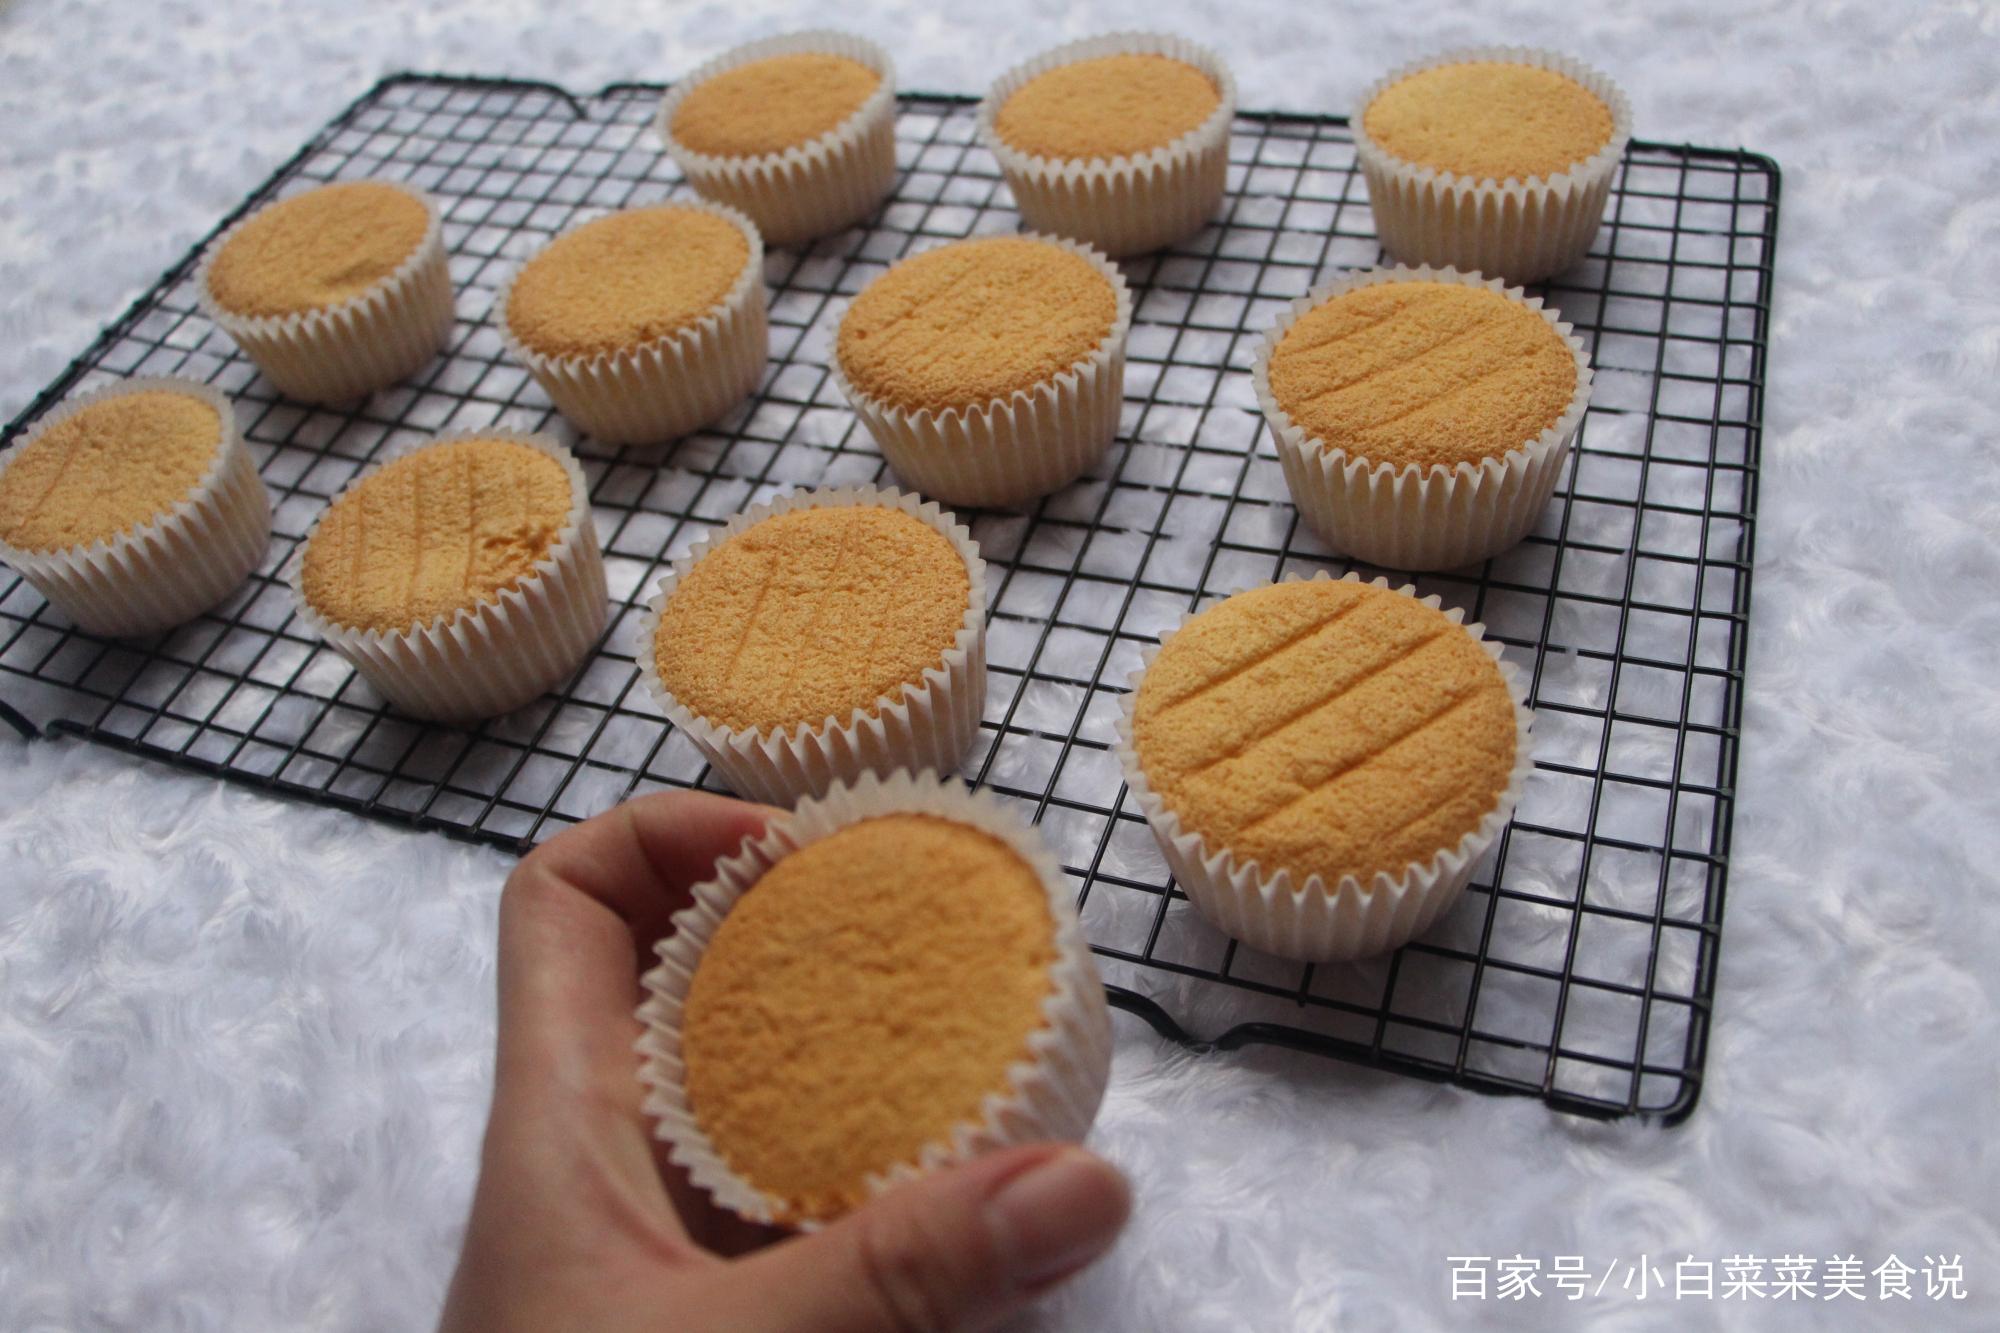 招人喜爱的杯子蛋糕,简单易做的快手海绵蛋糕胚底,清新软绵美味